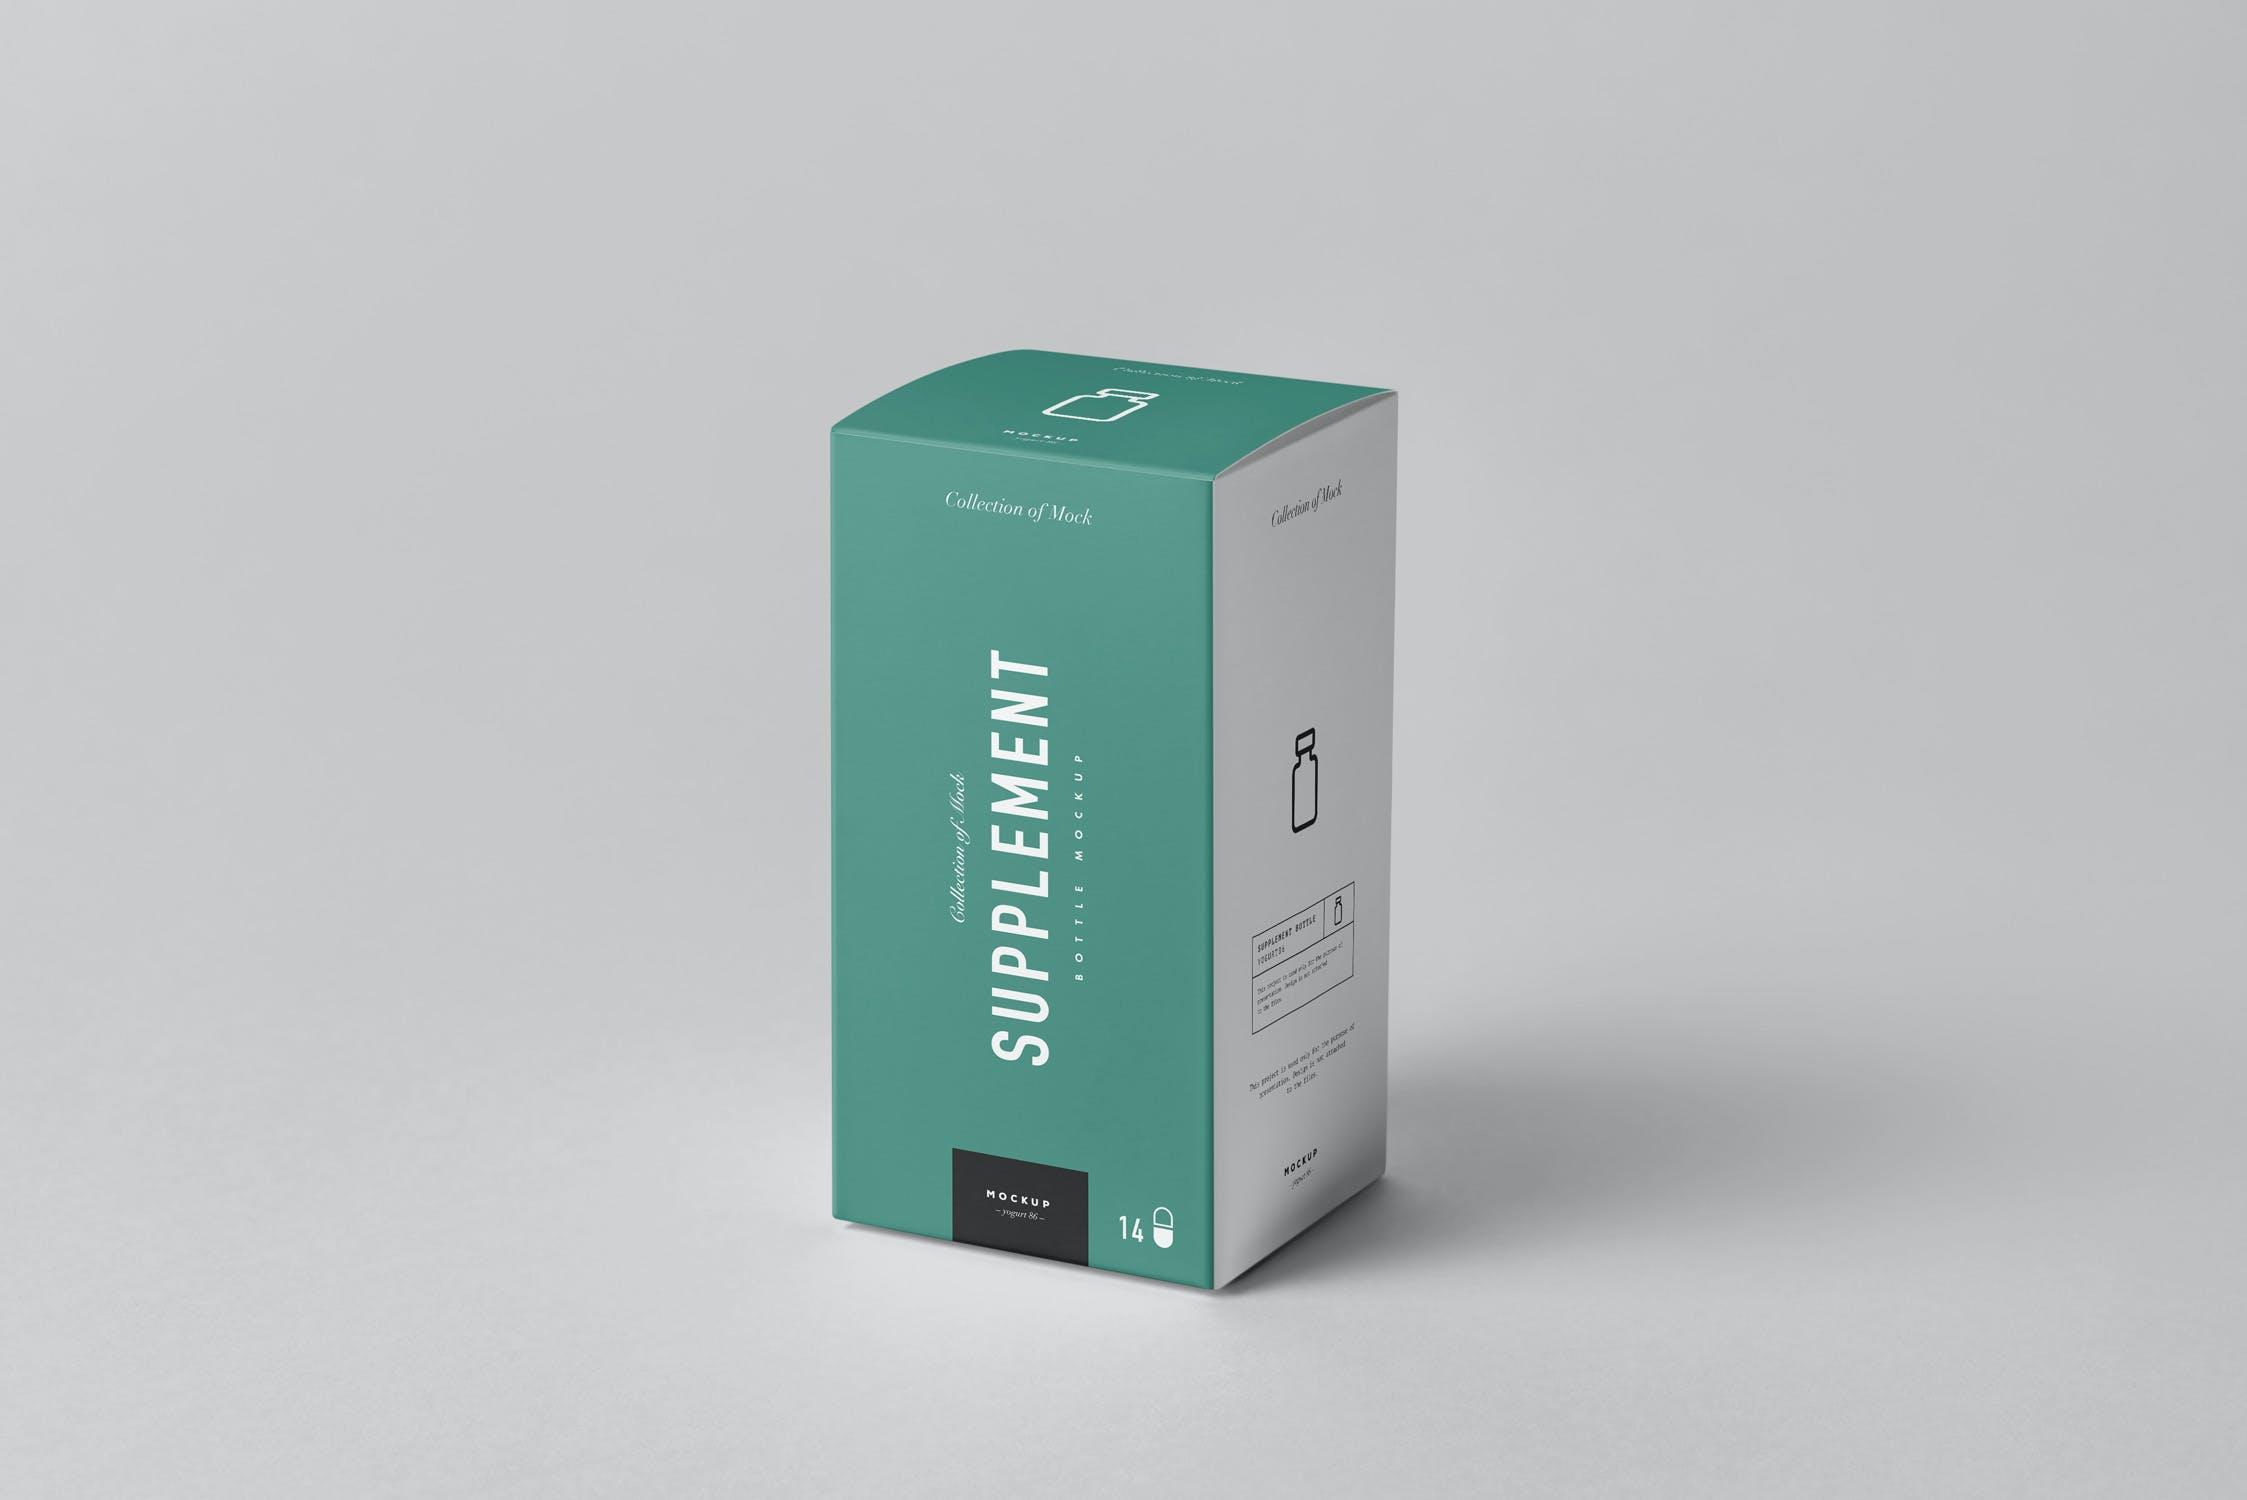 8款药物补充瓶塑料瓶包装盒设计展示样机模板 Supplement Bottle Mockup插图(3)